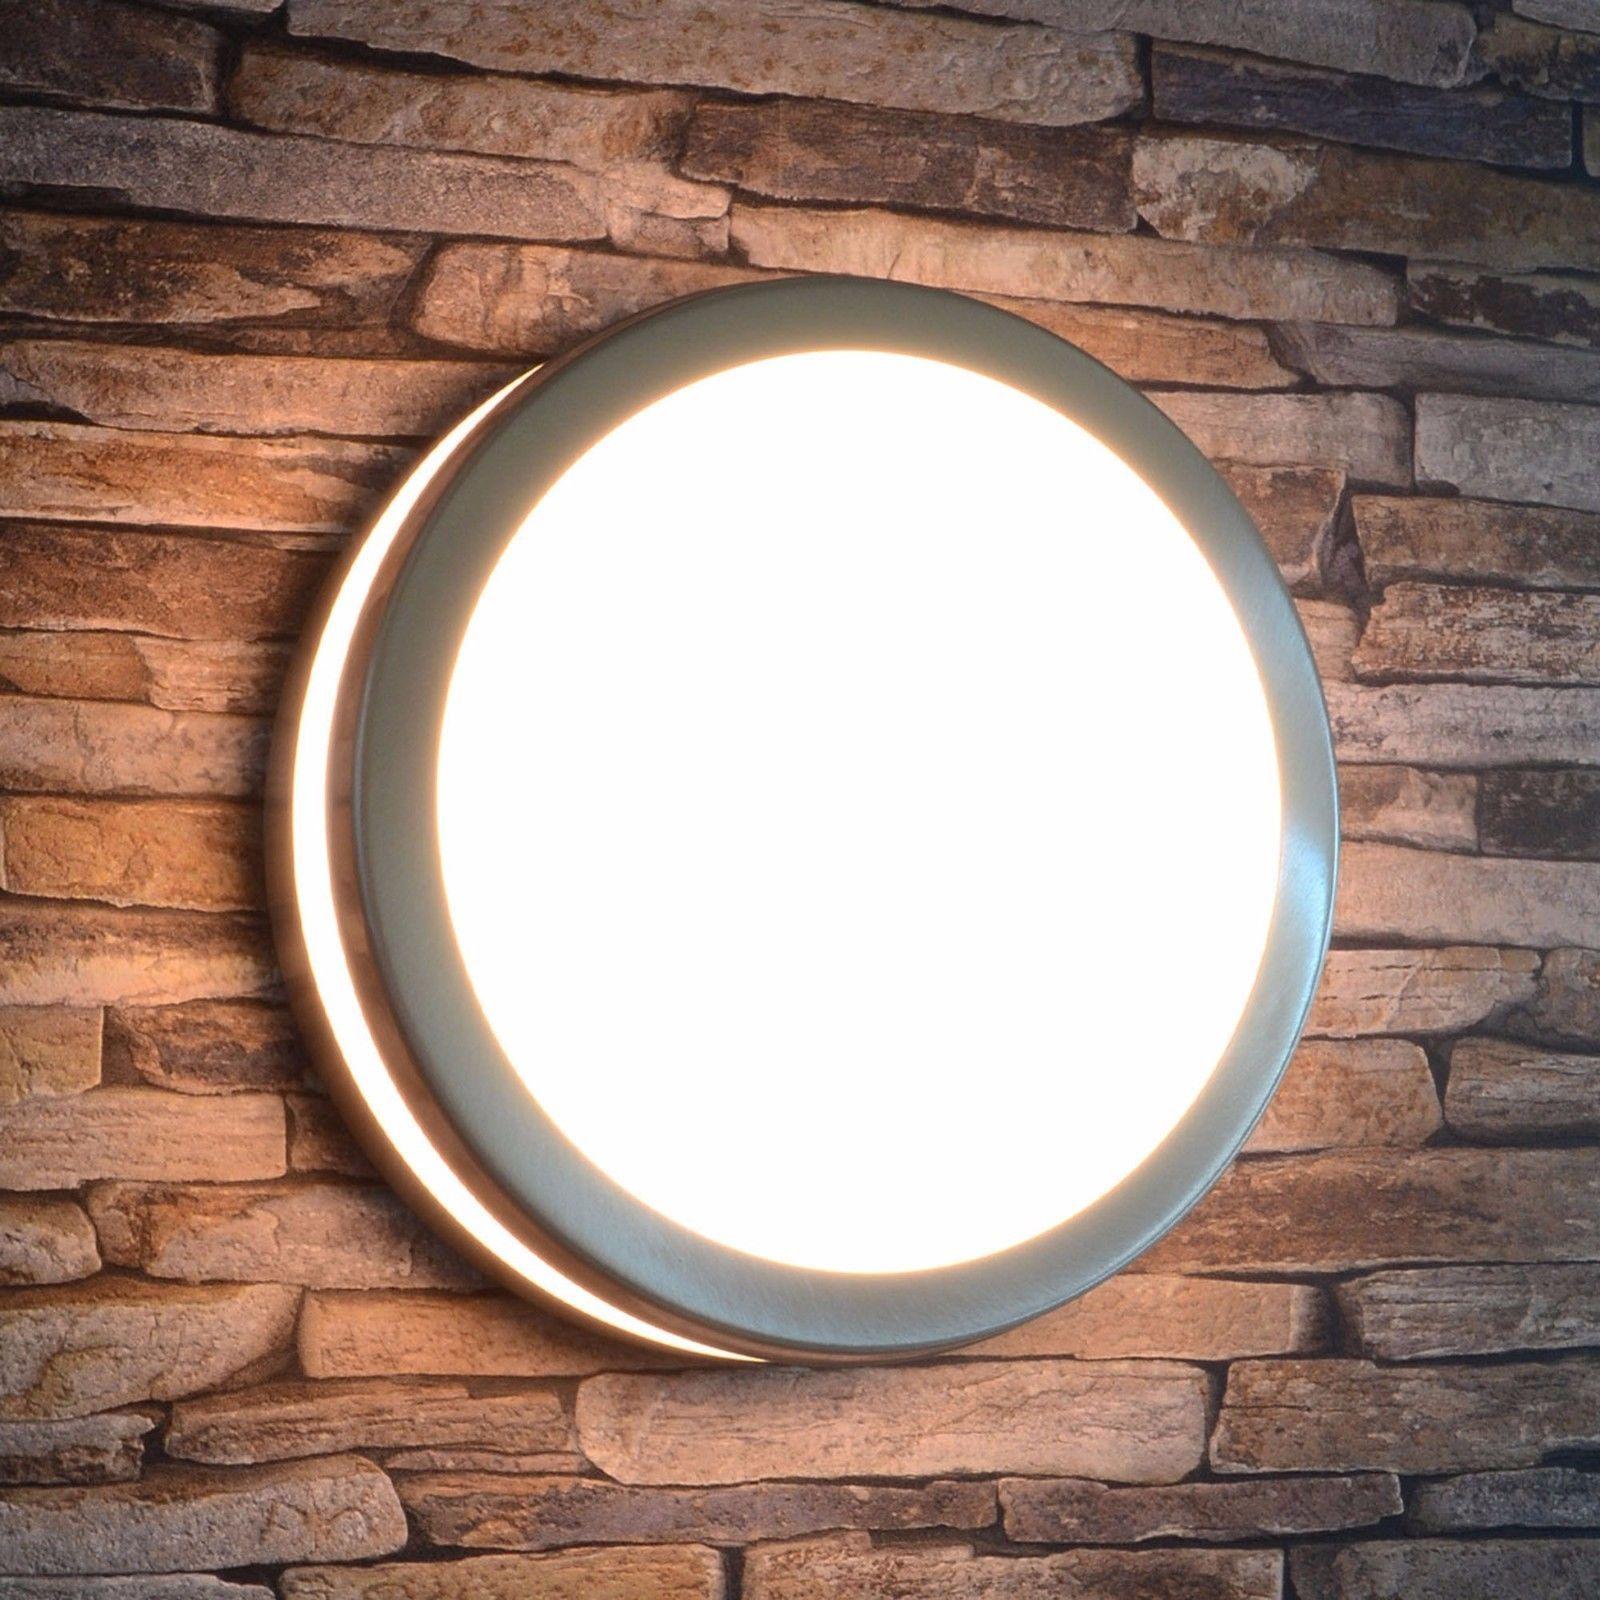 234f53e9ad0afd562f8b0324c02a78a2 Stilvolle Lampen In Der Wand Dekorationen